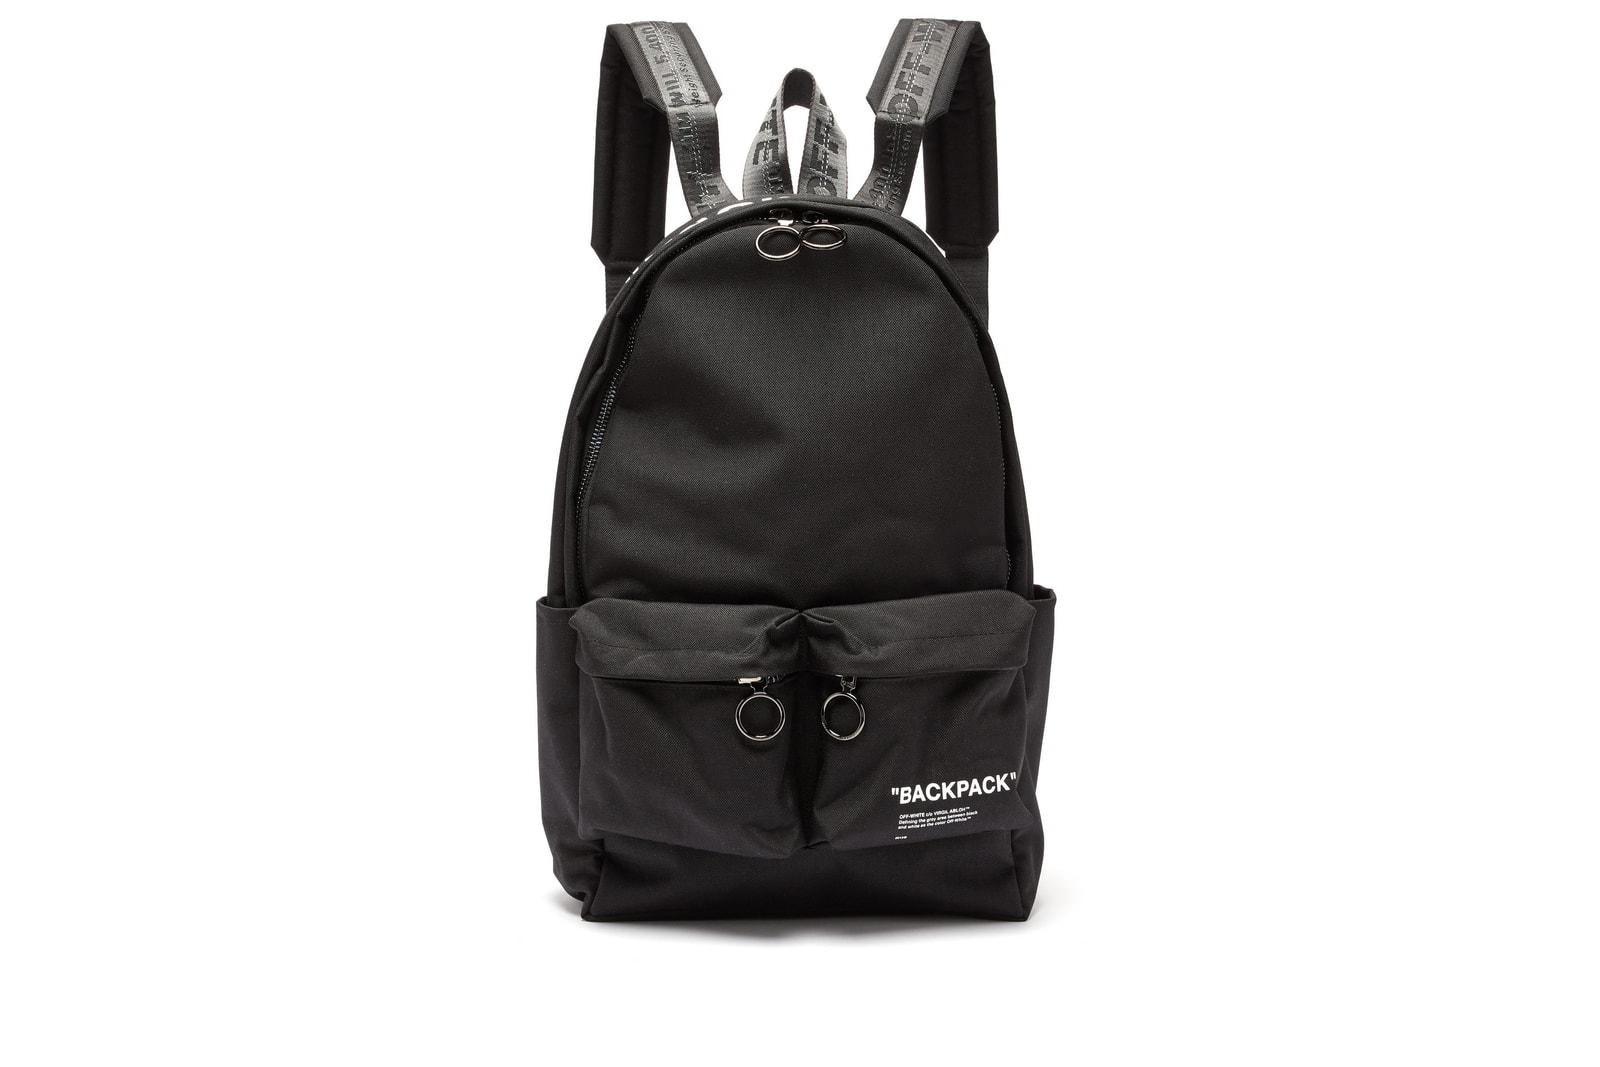 本日嚴選 8 款黑色背包單品入手推介